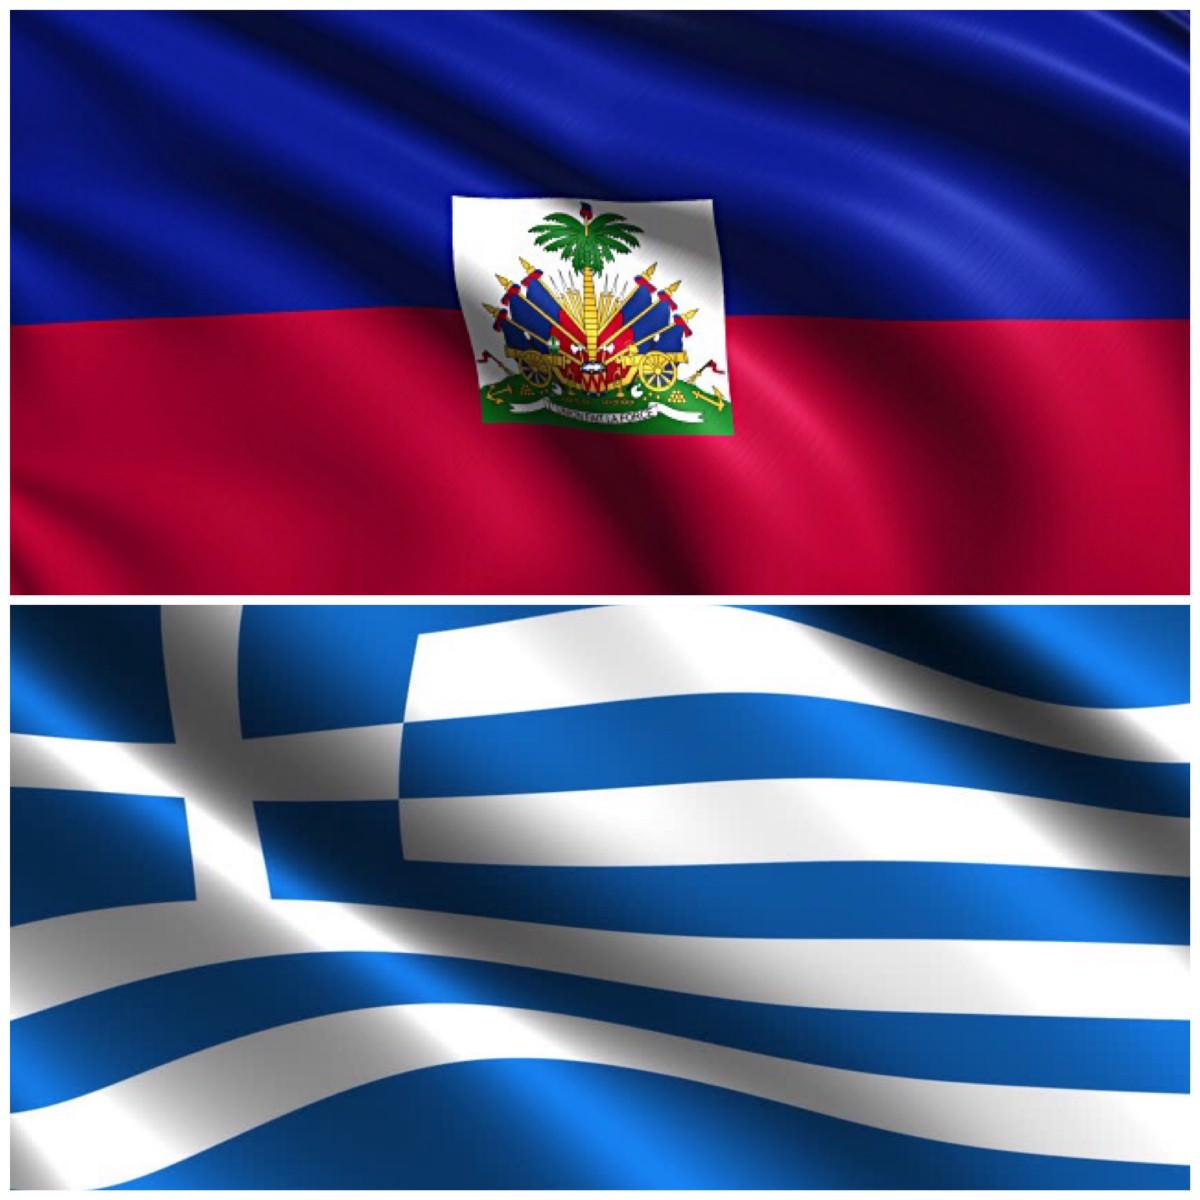 Κ. Μπογδάνος: Η πολιτεία να τιμήσει τους 100 Αϊτινούς που θυσιάστηκαν για την Ελλάδα το 1822